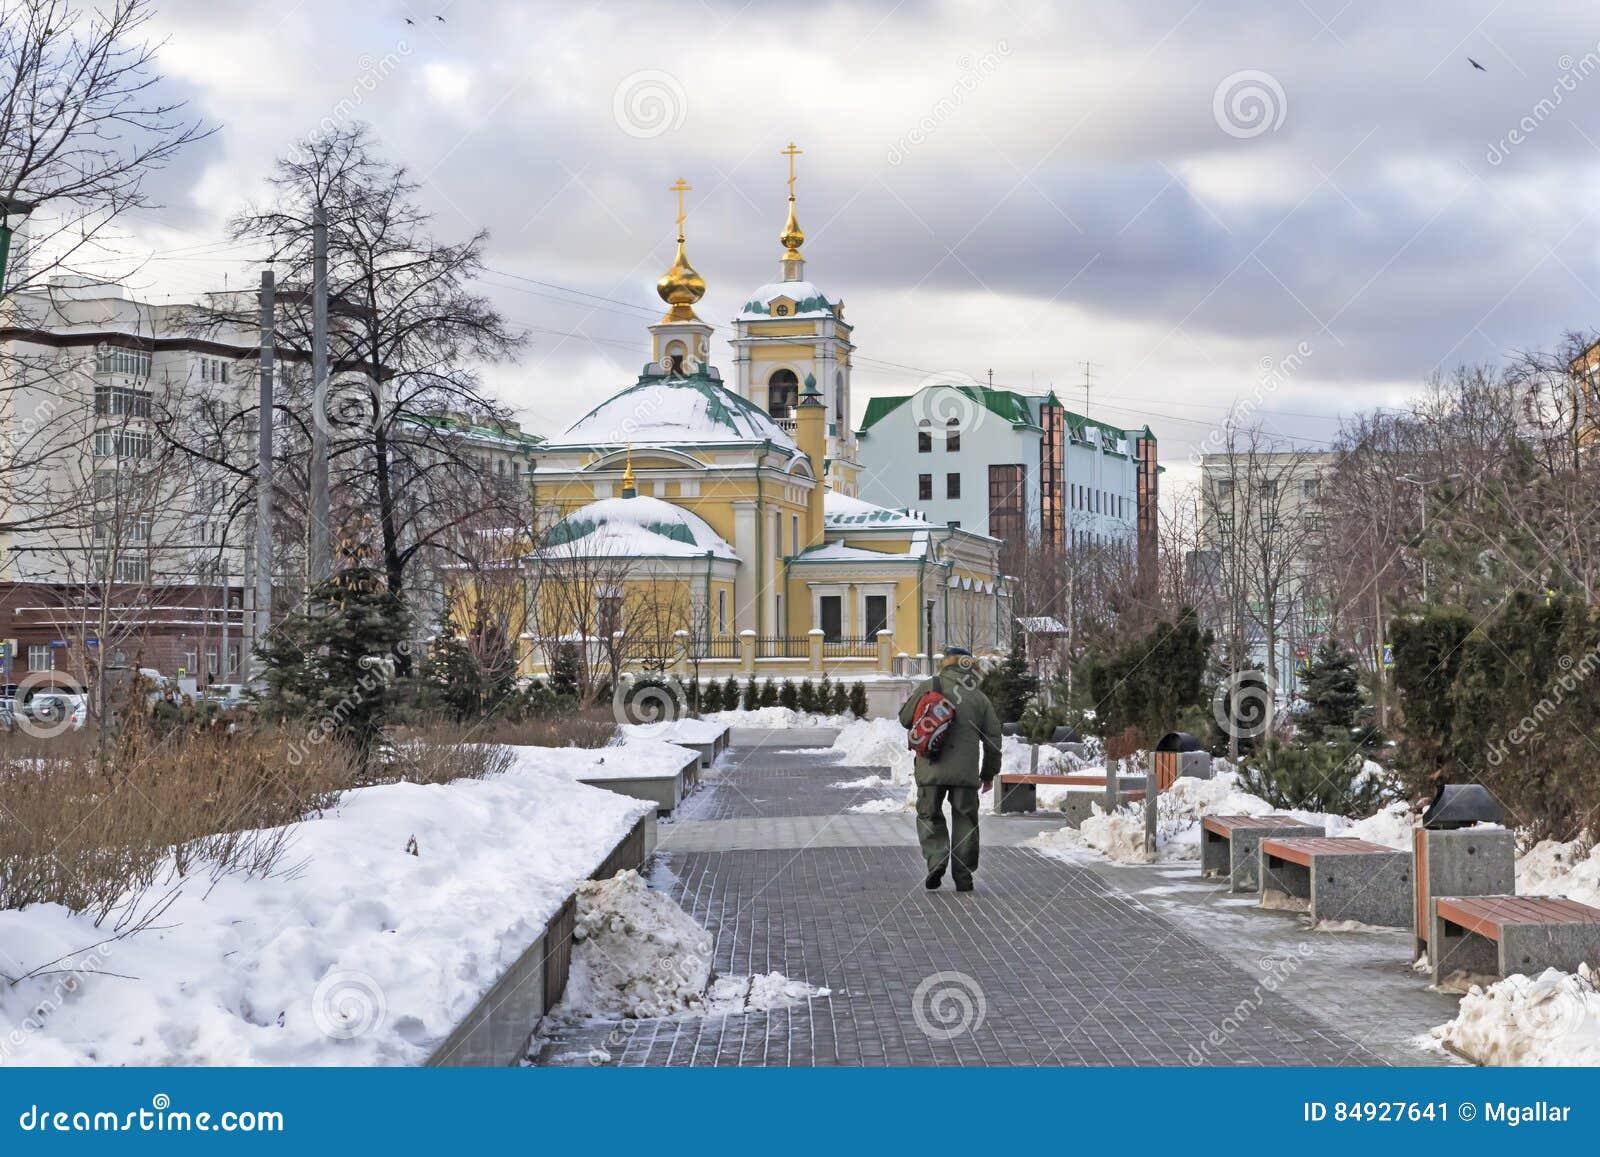 Μόσχα, Ρωσική Ομοσπονδία - 21 Ιανουαρίου 2017: Τοποθετημένος κατά την τετραγωνική άποψη μεταμόρφωσης της εκκλησίας από τον παρακε